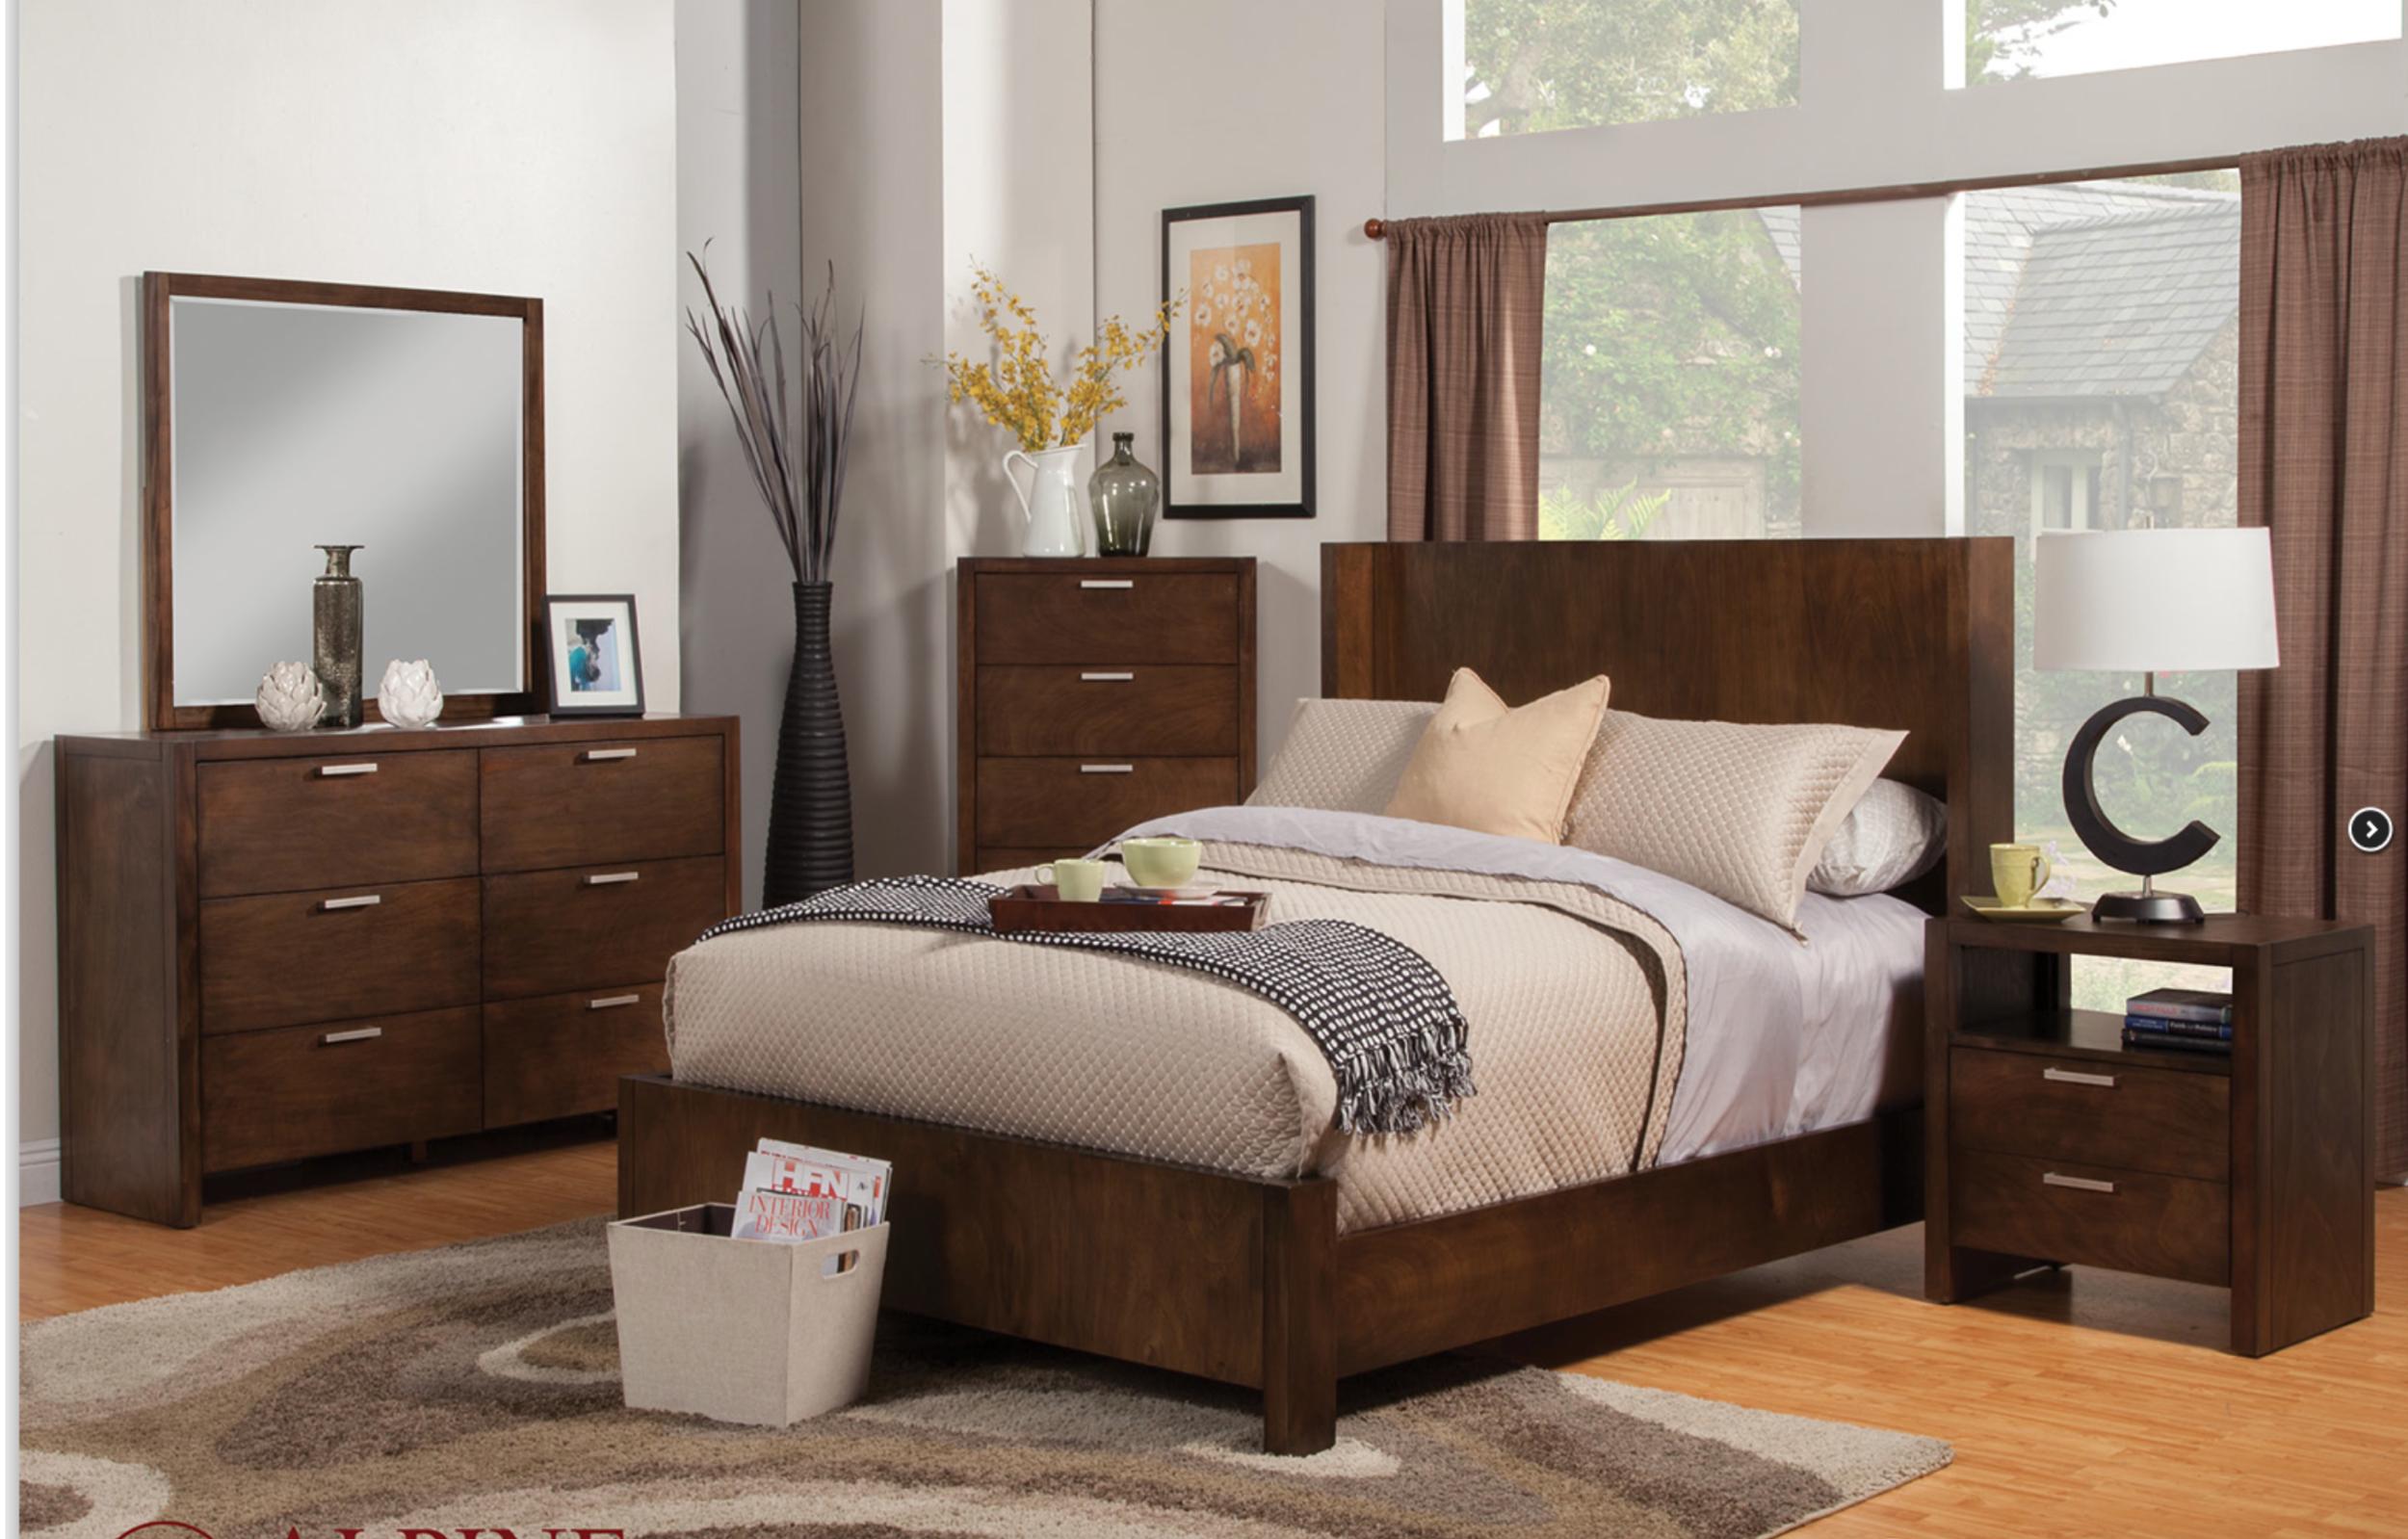 Bedroom Furniture Oahu austin bedroom furniture. fashionable design ideas austin bedroom